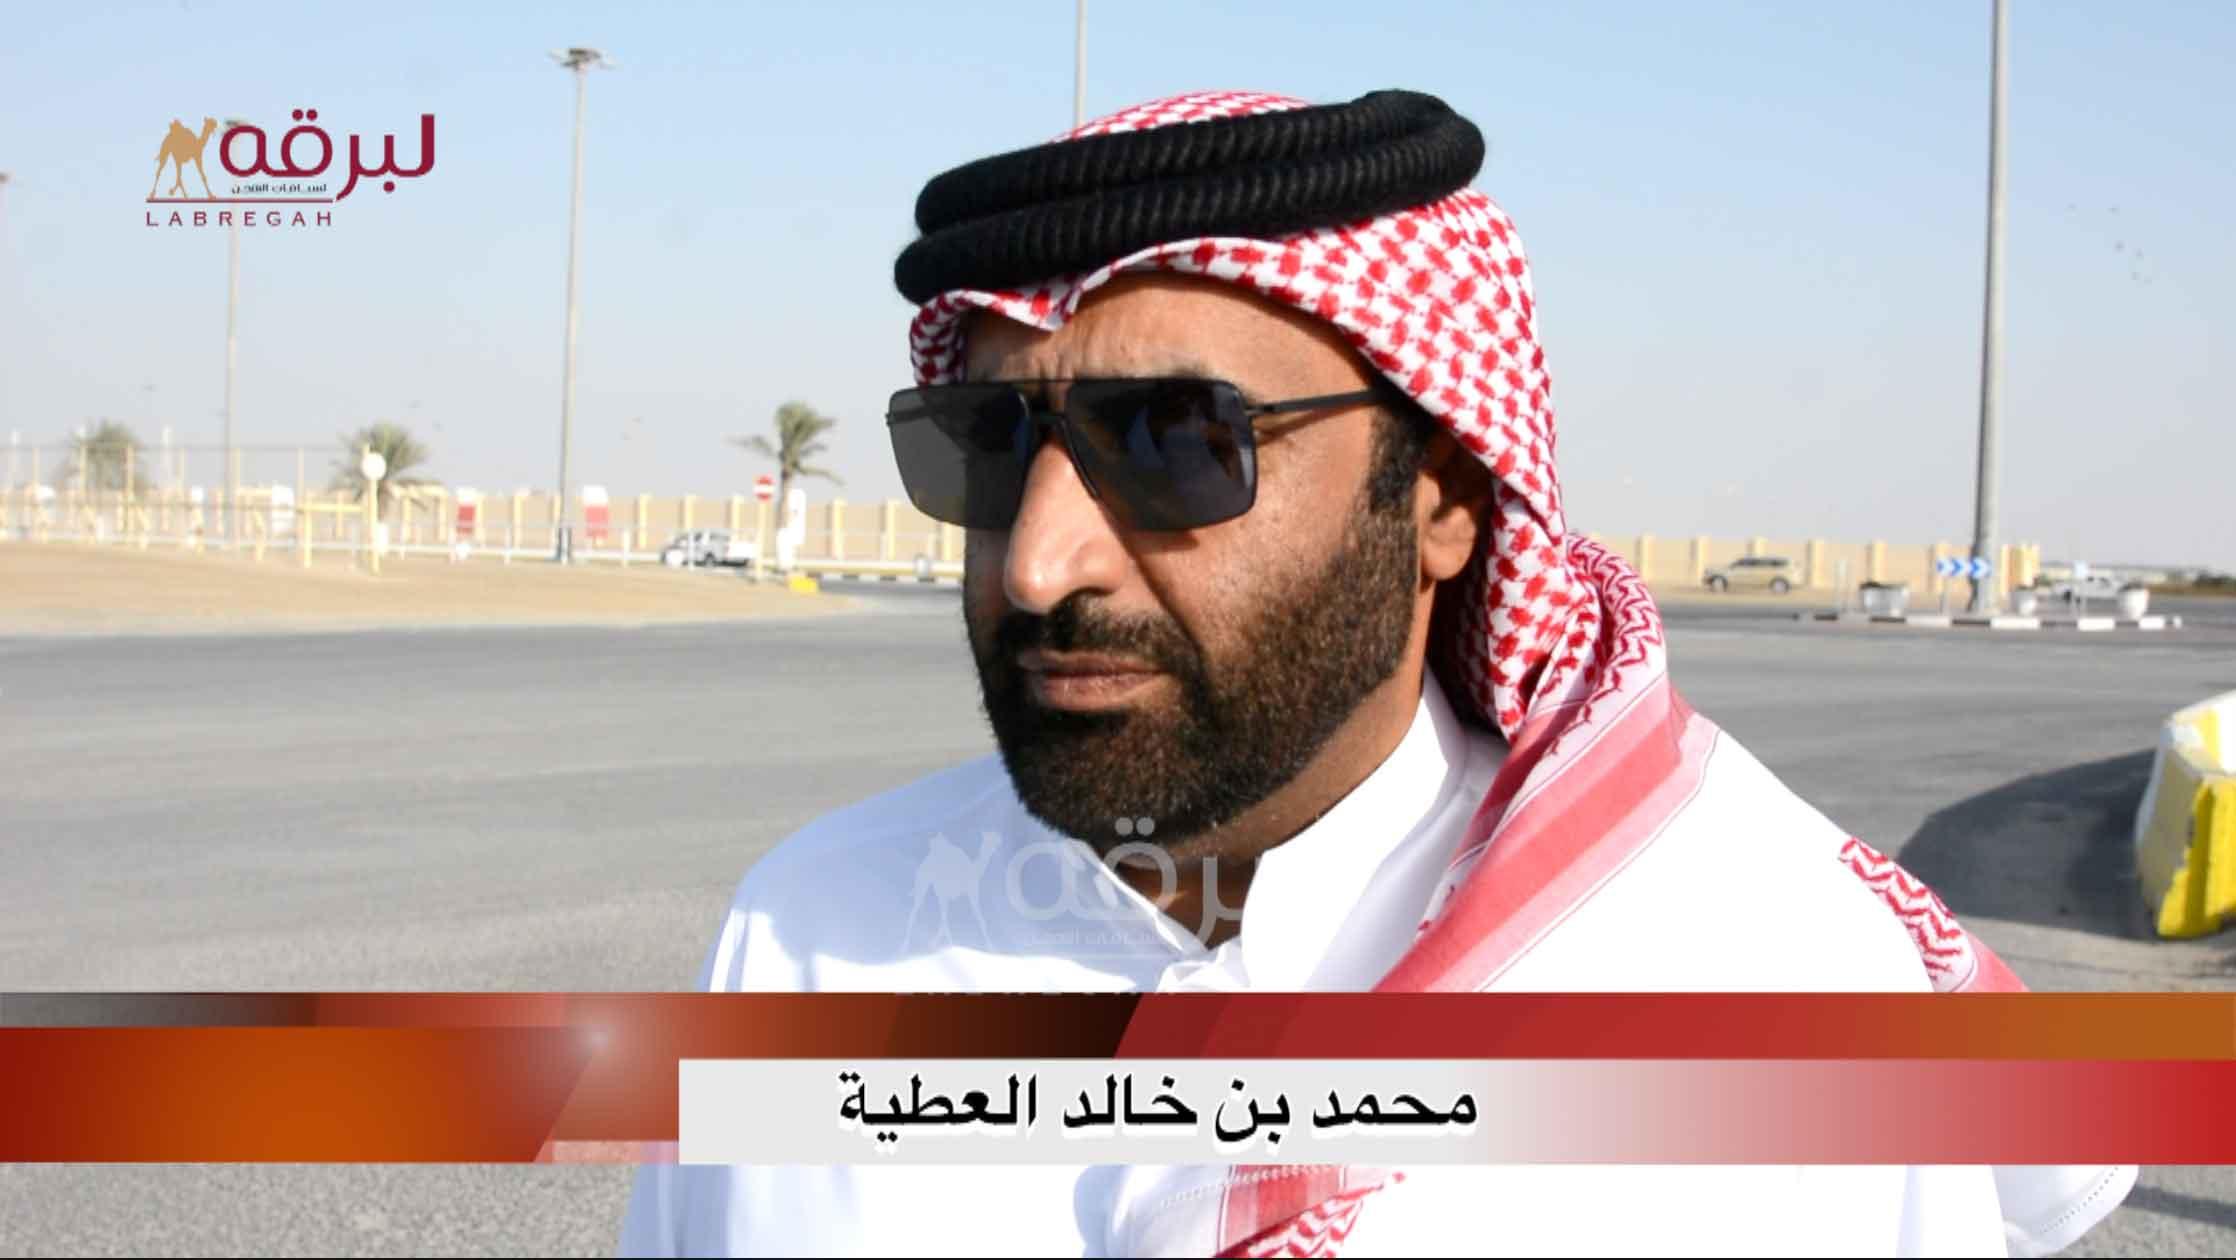 لقاء مع محمد بن خالد العطية.. الخنجر الذهبي ثنايا قعدان « إنتاج » الأشواط المفتوحة  ٢٤-١-٢٠٢١